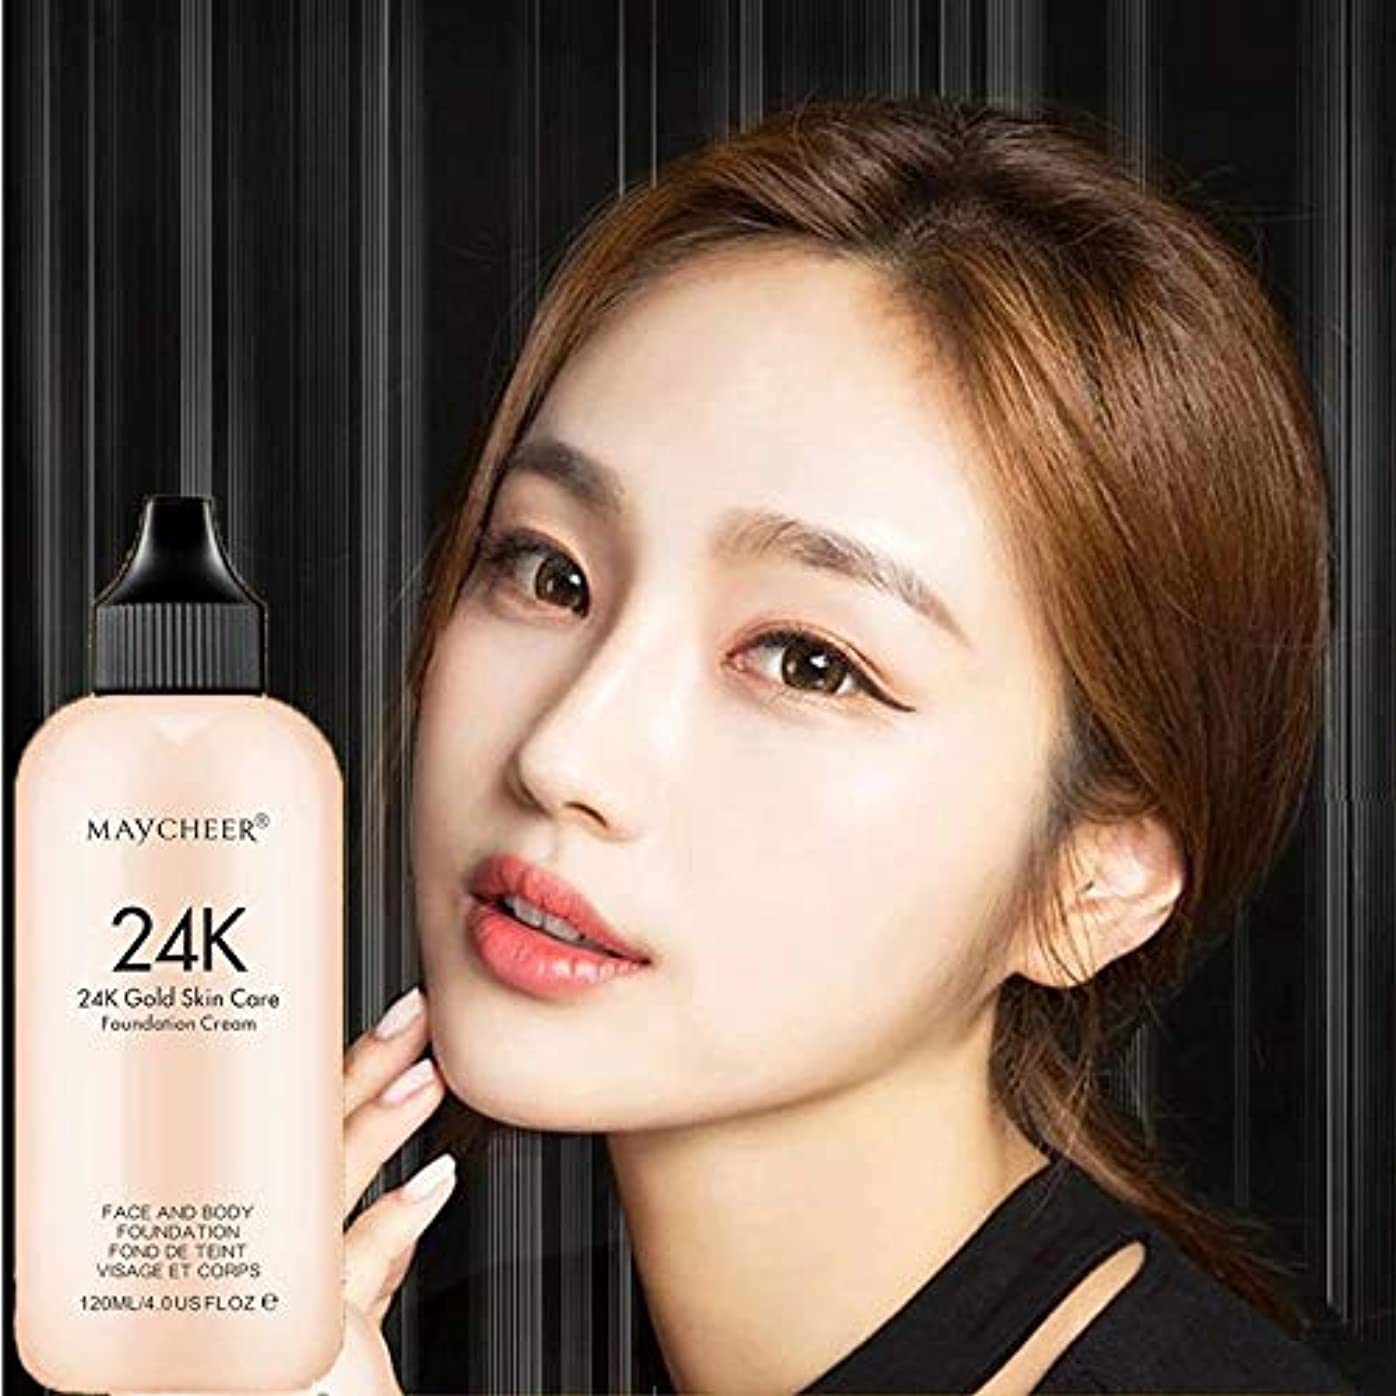 マティスビーチ効果的に120ミリリットルフェイス日焼け止めファンデーションクリーム防水メイクアップミネラル液体フルカバーベースコンシーラー化粧品化粧品 120ml Face Sun Block Foundation Cream Liquid Concealer Cosmetics